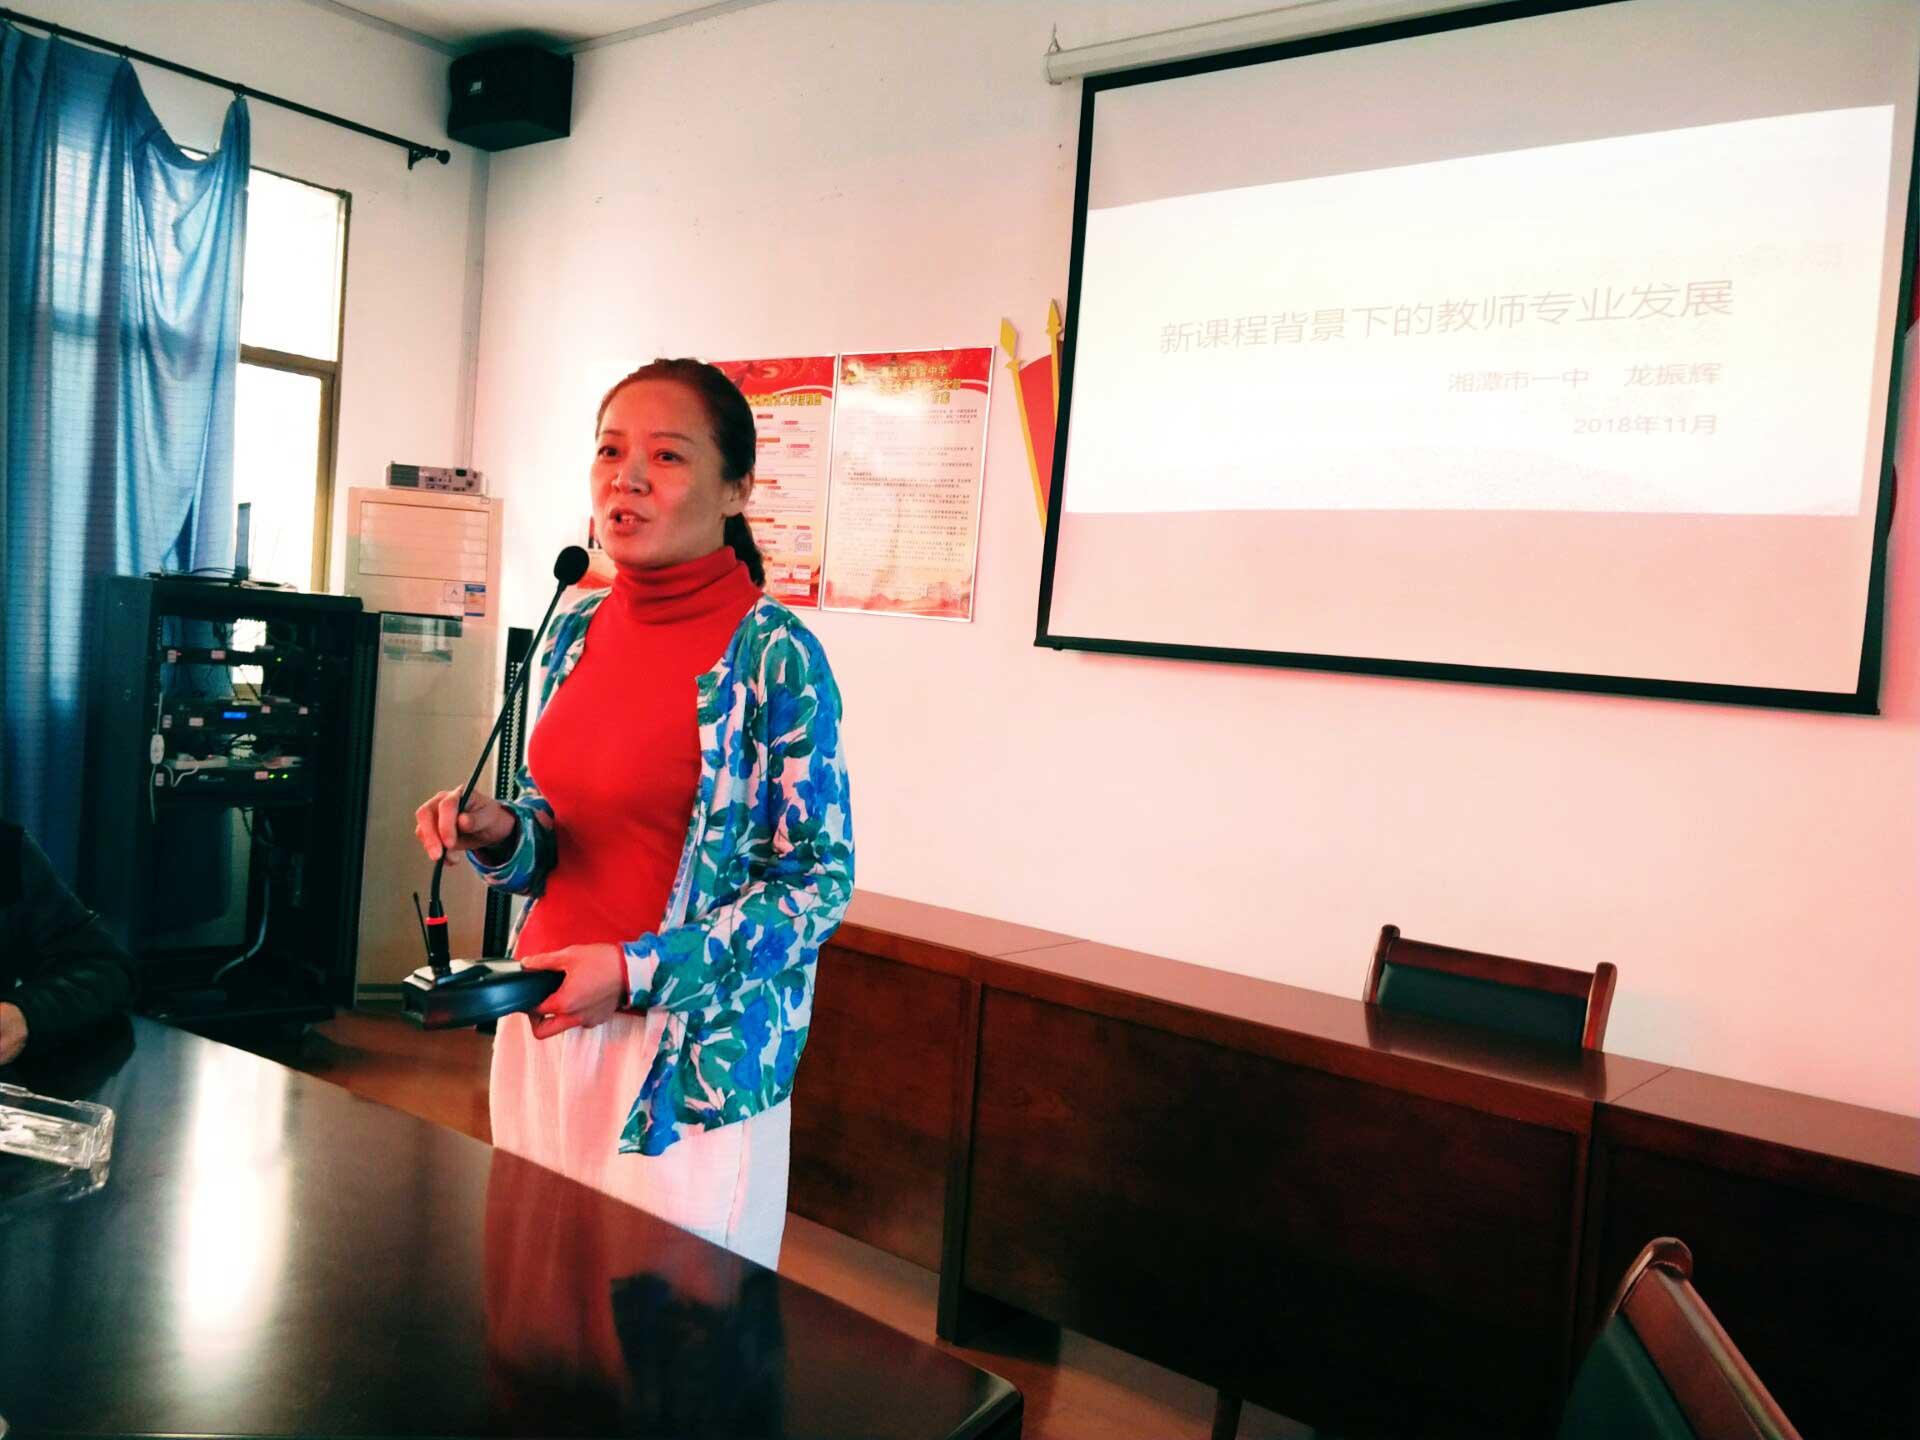 【幸福讲堂】益智青师受教《新课程背景下的教师专业发展》 ——记青年教师协会第二次座谈会